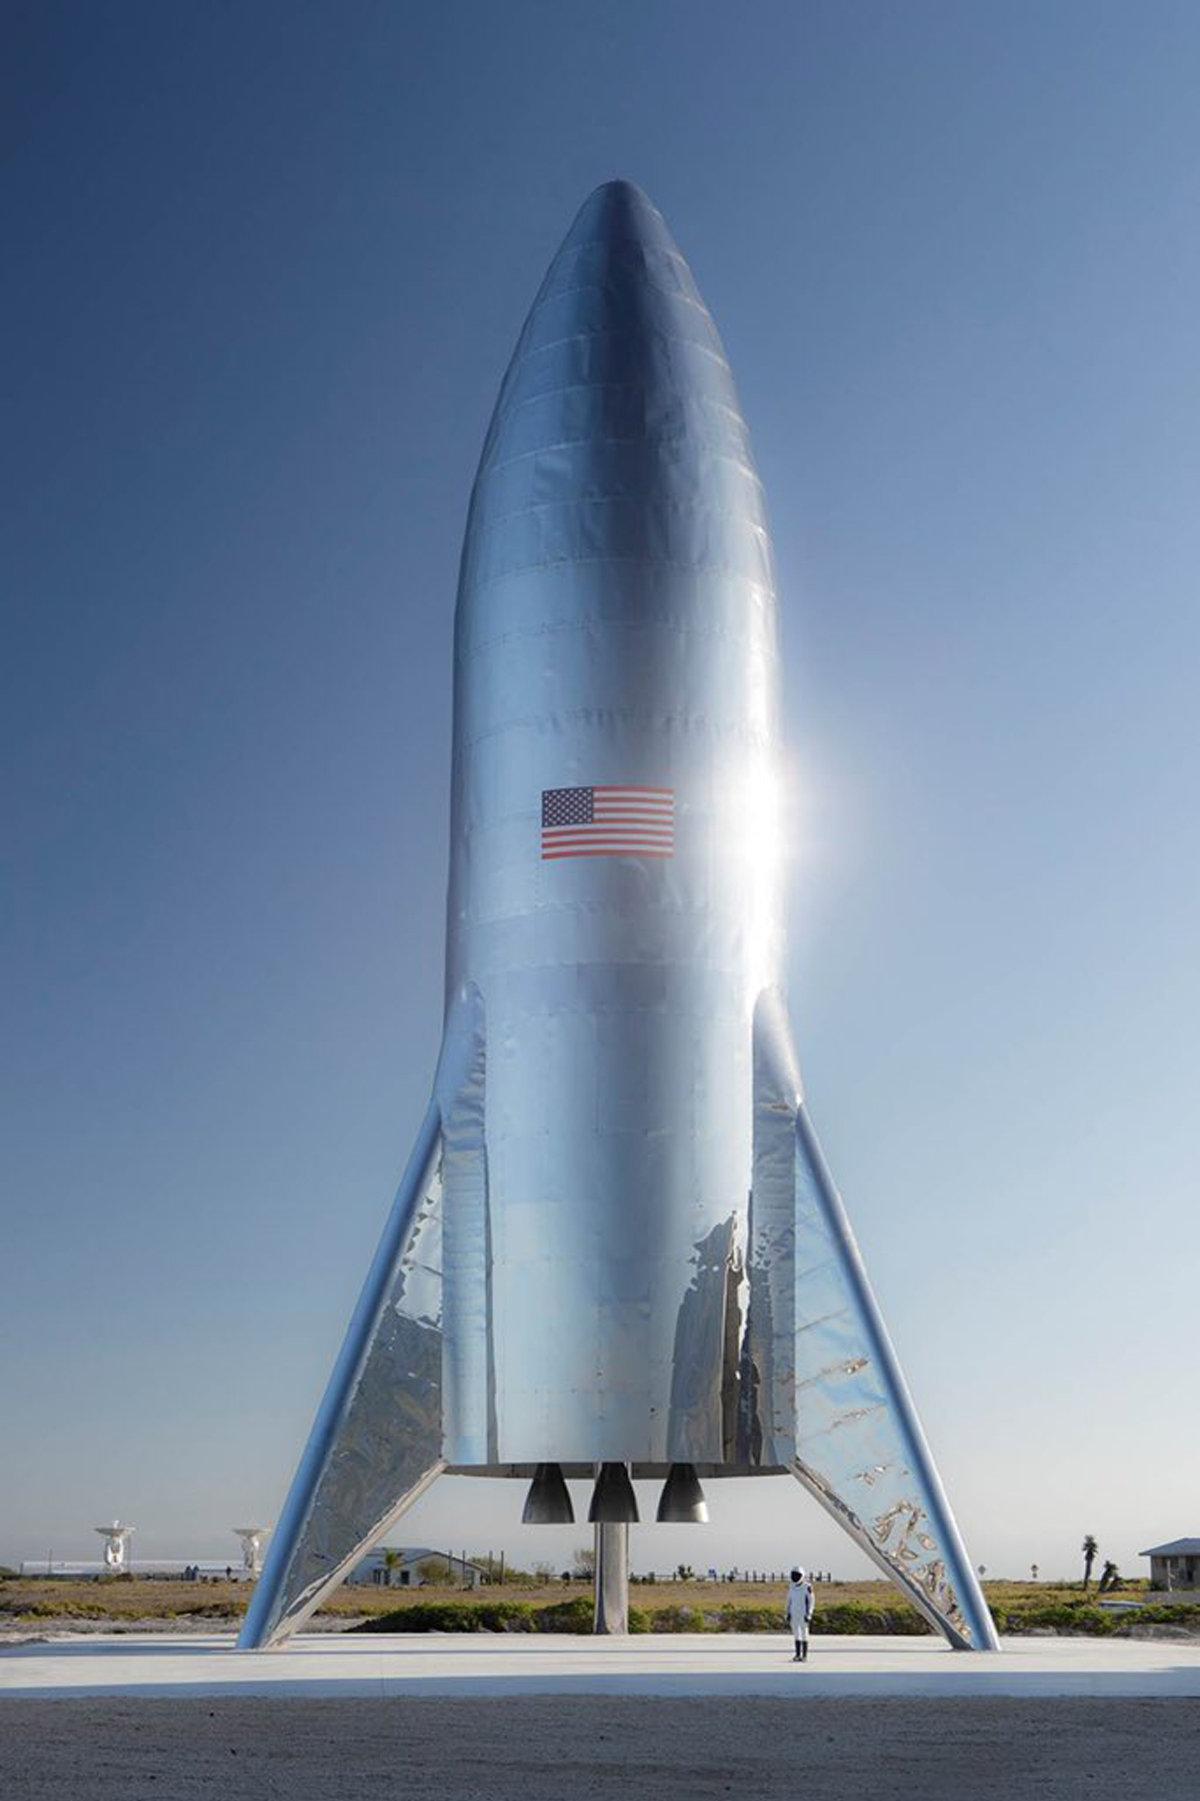 马斯克发布新型星际飞船照片